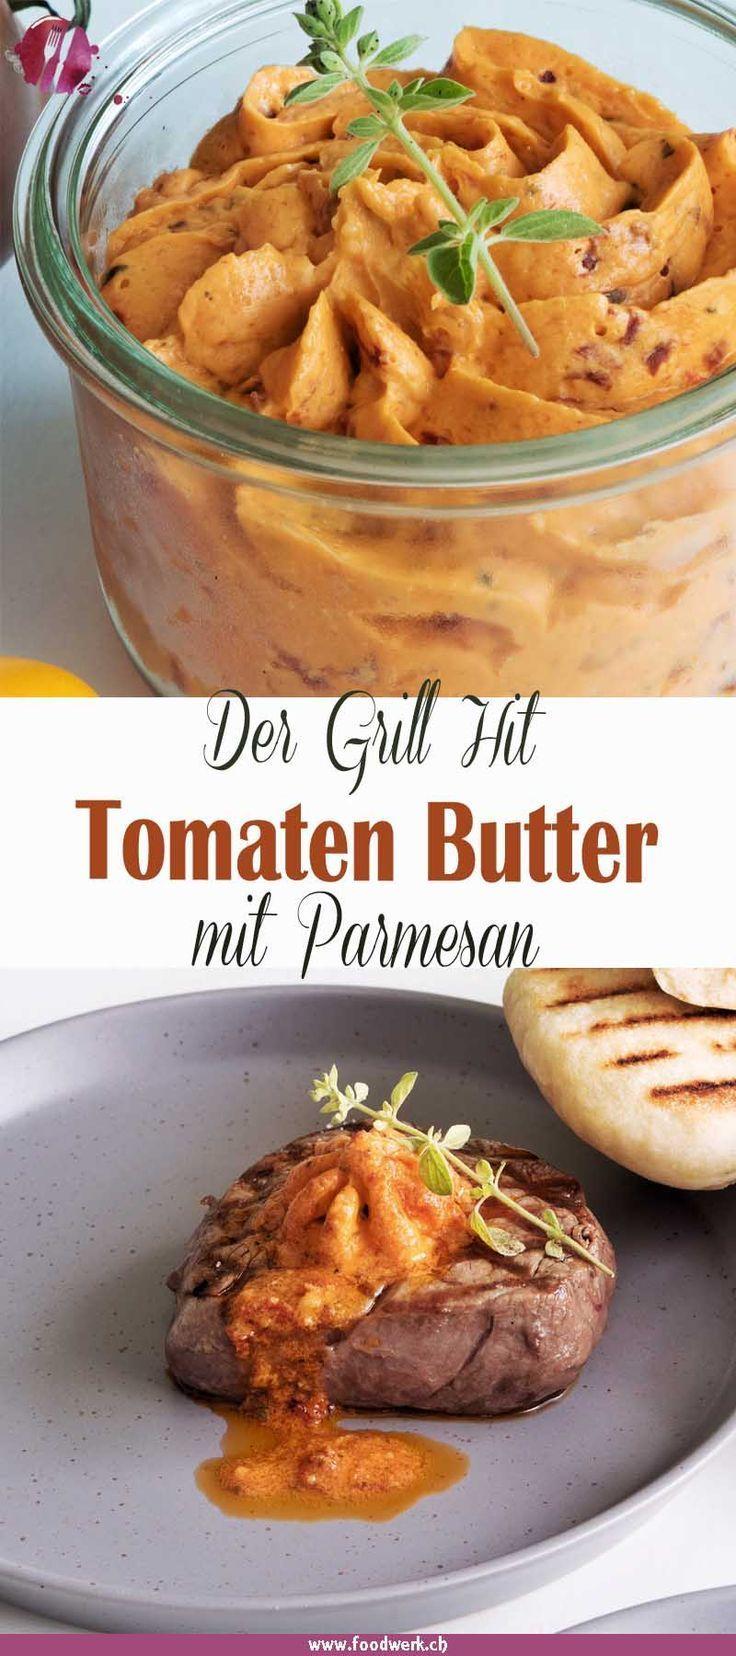 Tomaten-Parmesanbutter mit Rinderfilet und Grillbrot #sogehtsommer